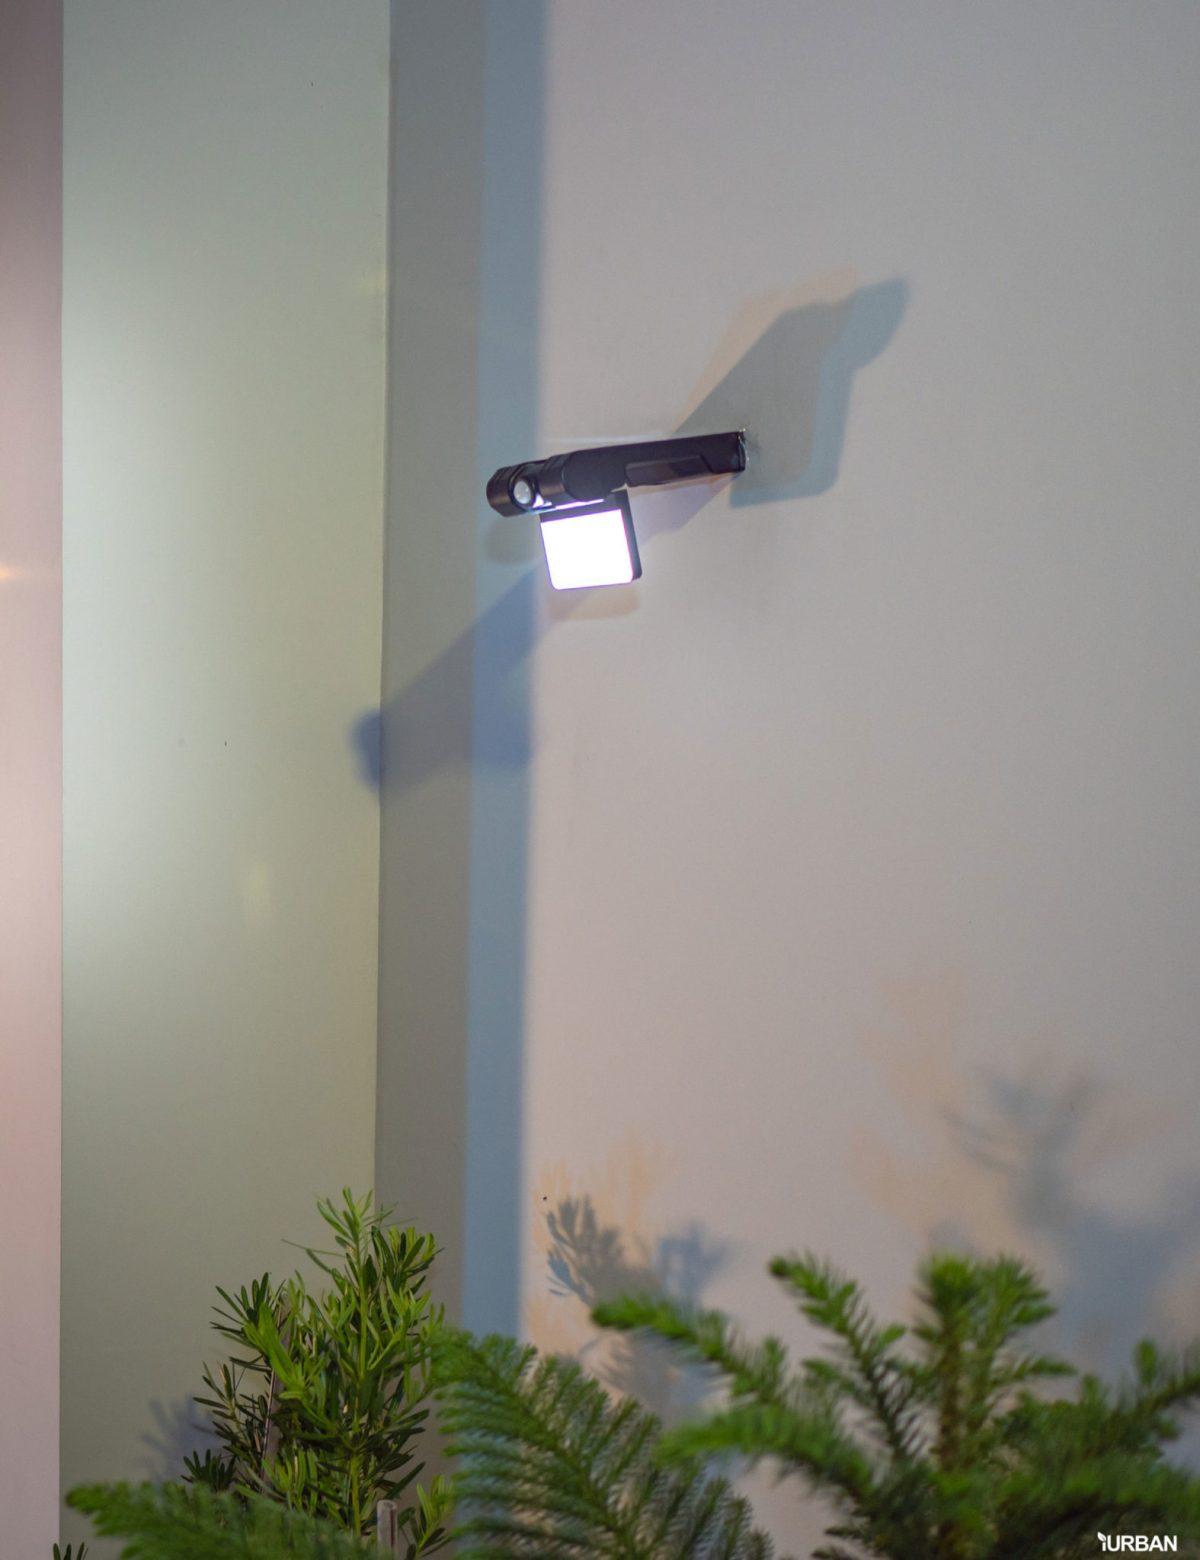 รีวิว 3 โคมไฟพลังงานแสงอาทิตย์ LAMPTAN LED SOLAR SMART SENSOR พร้อมฟังก์ชันใหม่ 2020 33 - cover